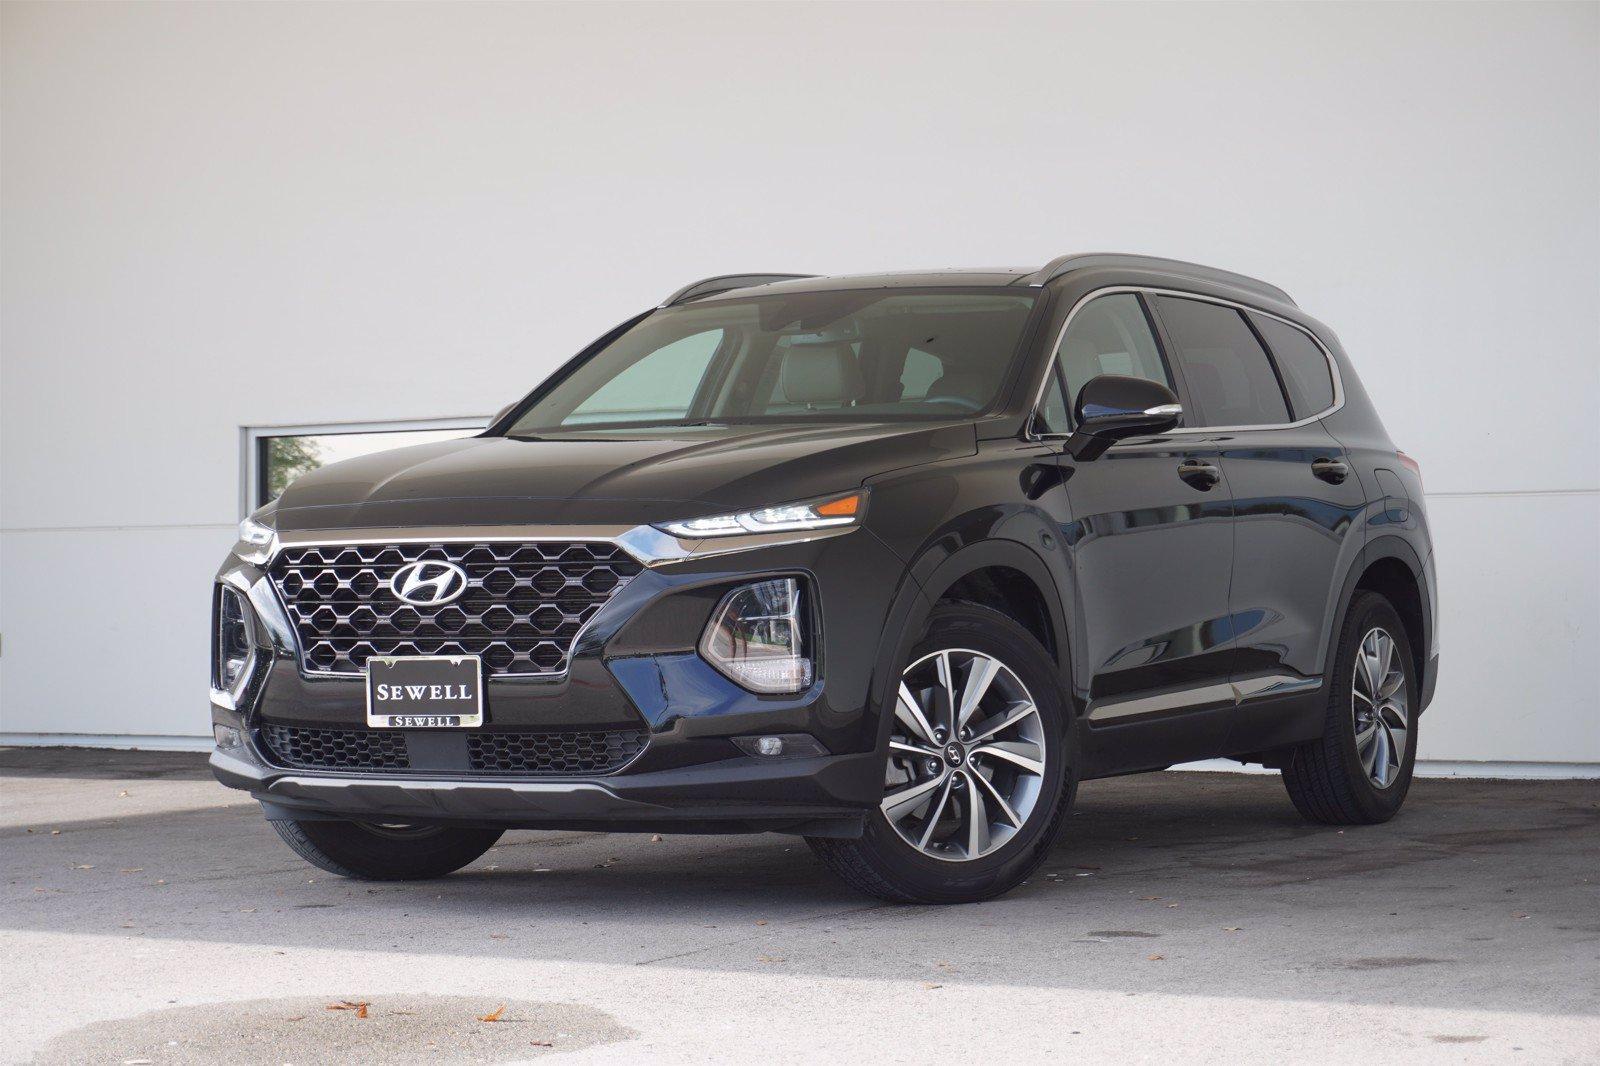 2019 Hyundai Santa Fe Vehicle Photo in Grapevine, TX 76051